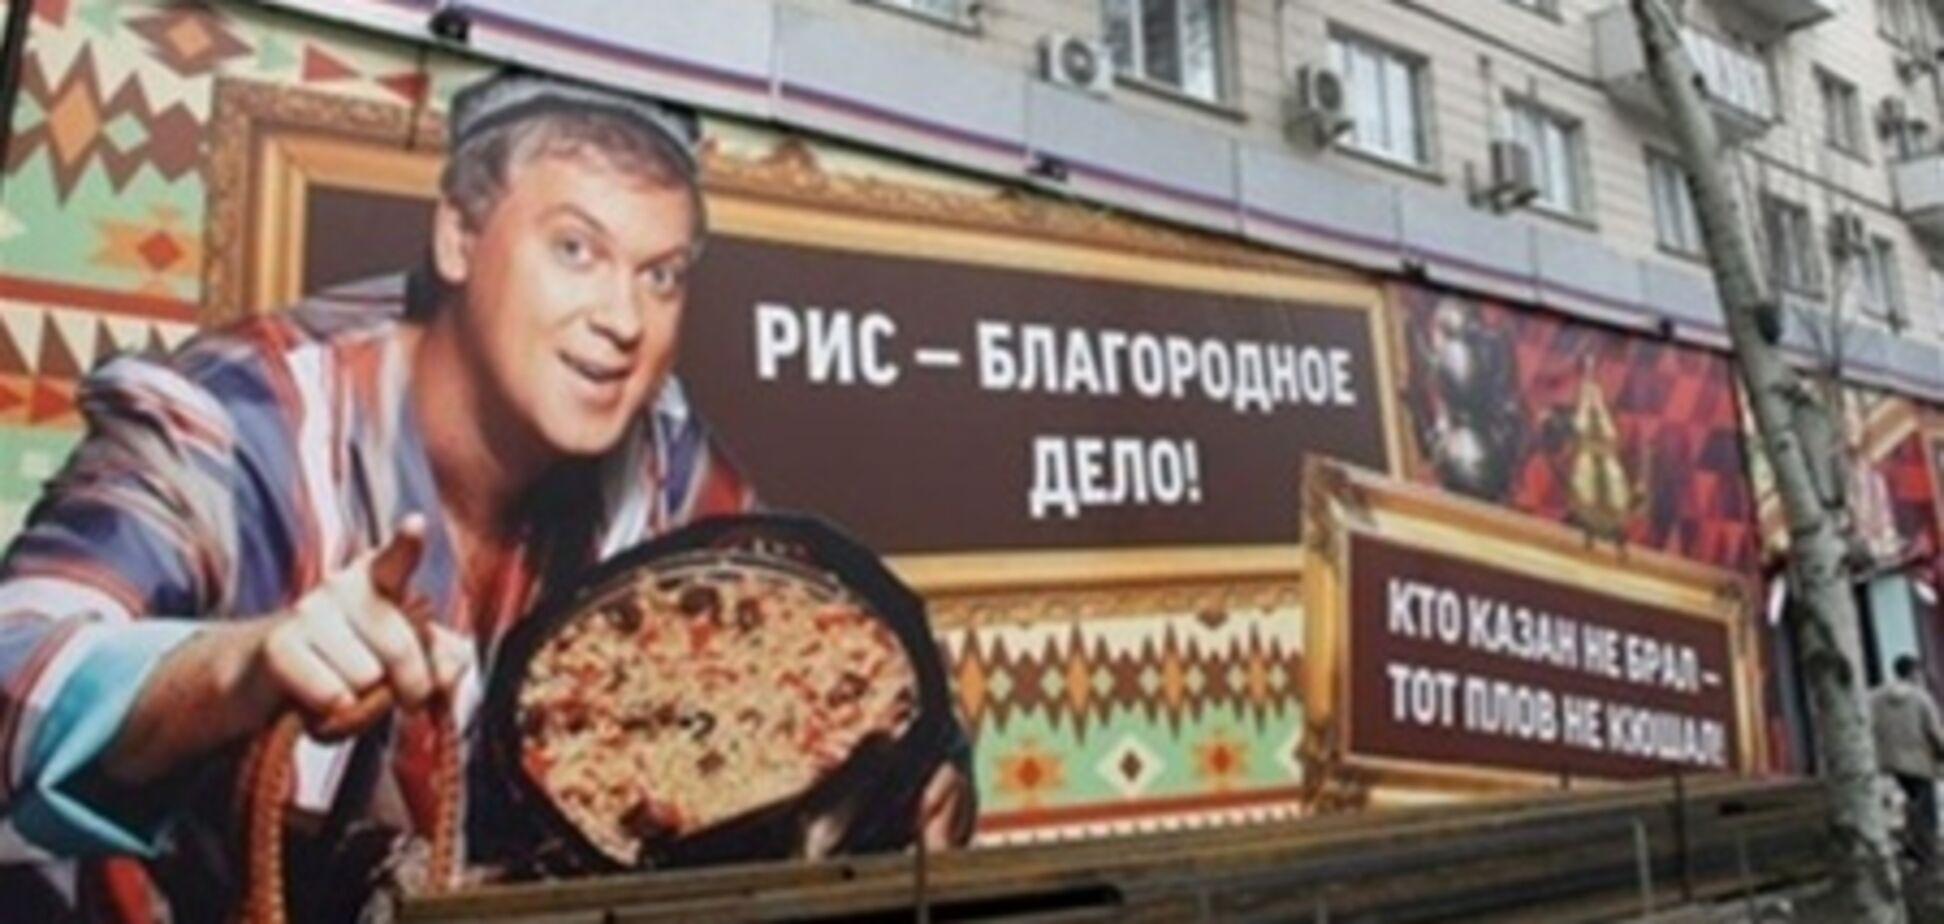 Светлаков открывает в Киеве ресторан 'Ишак'